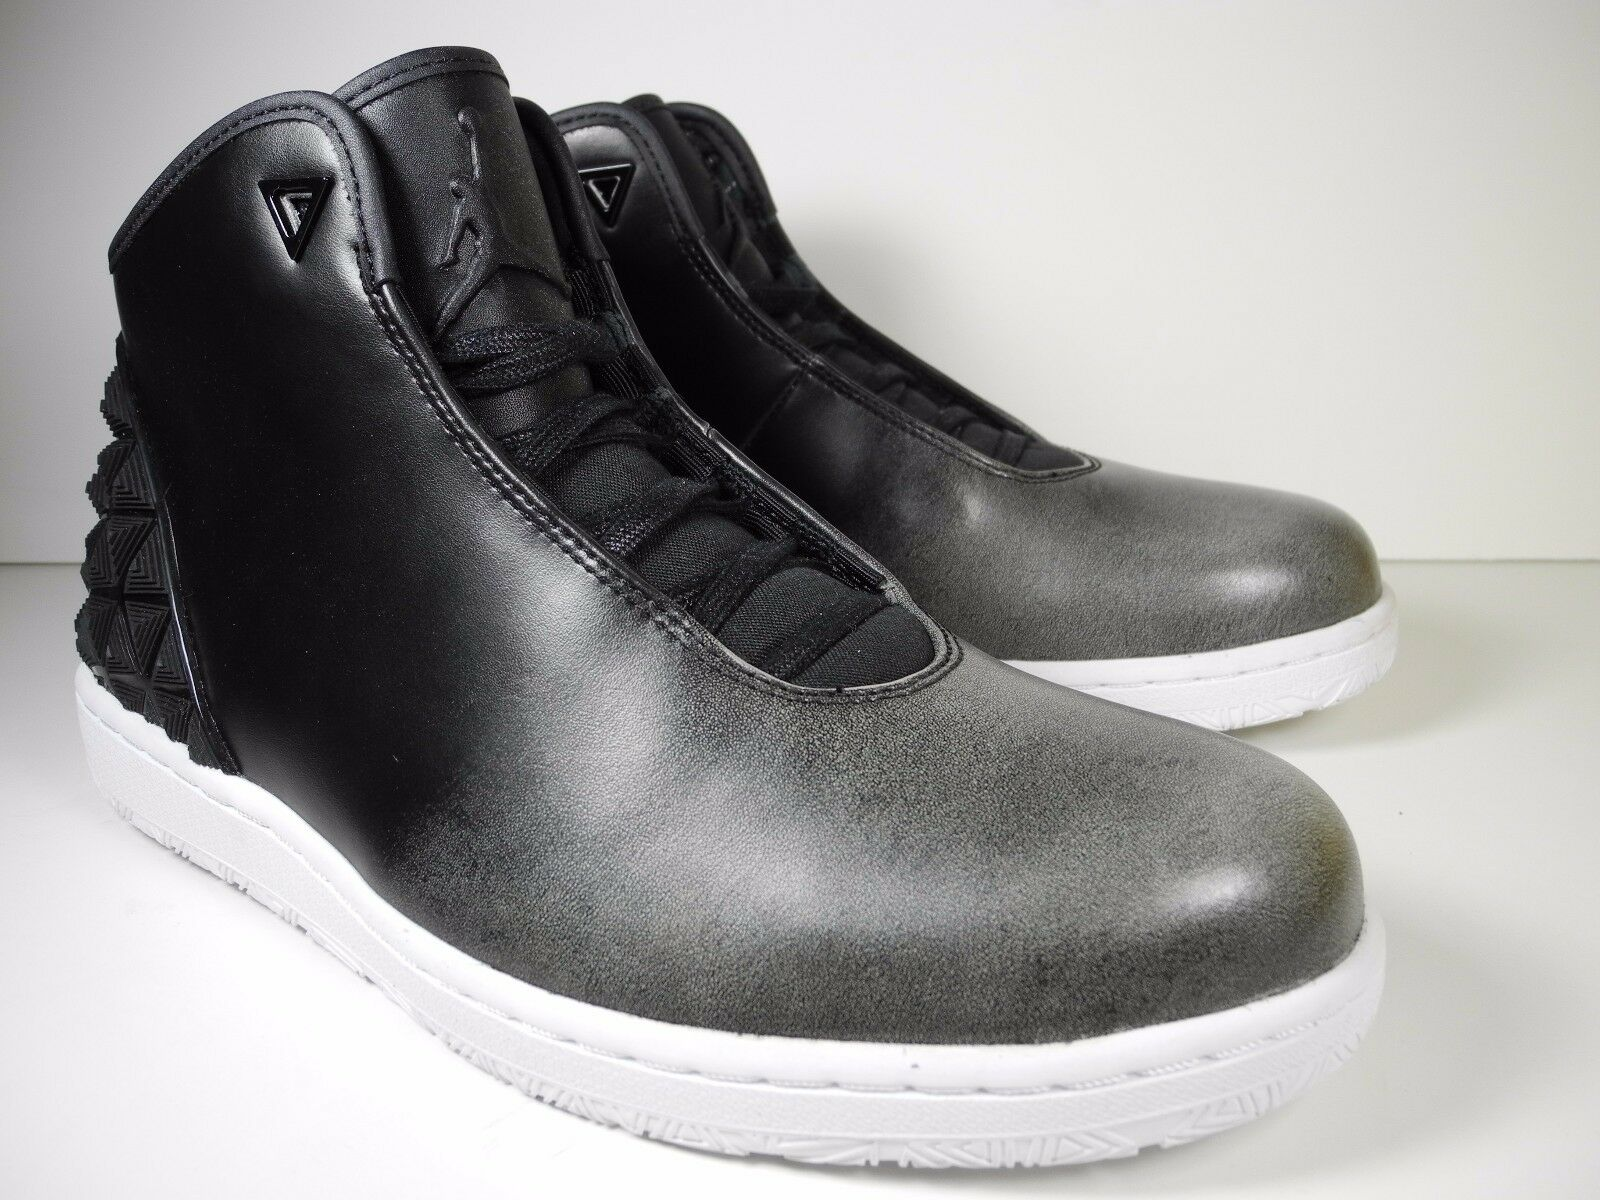 Nike Jordan Instigador Hombres Calzado Calzado Calzado Deportivo Talla Us 10 Ebay 9a2781